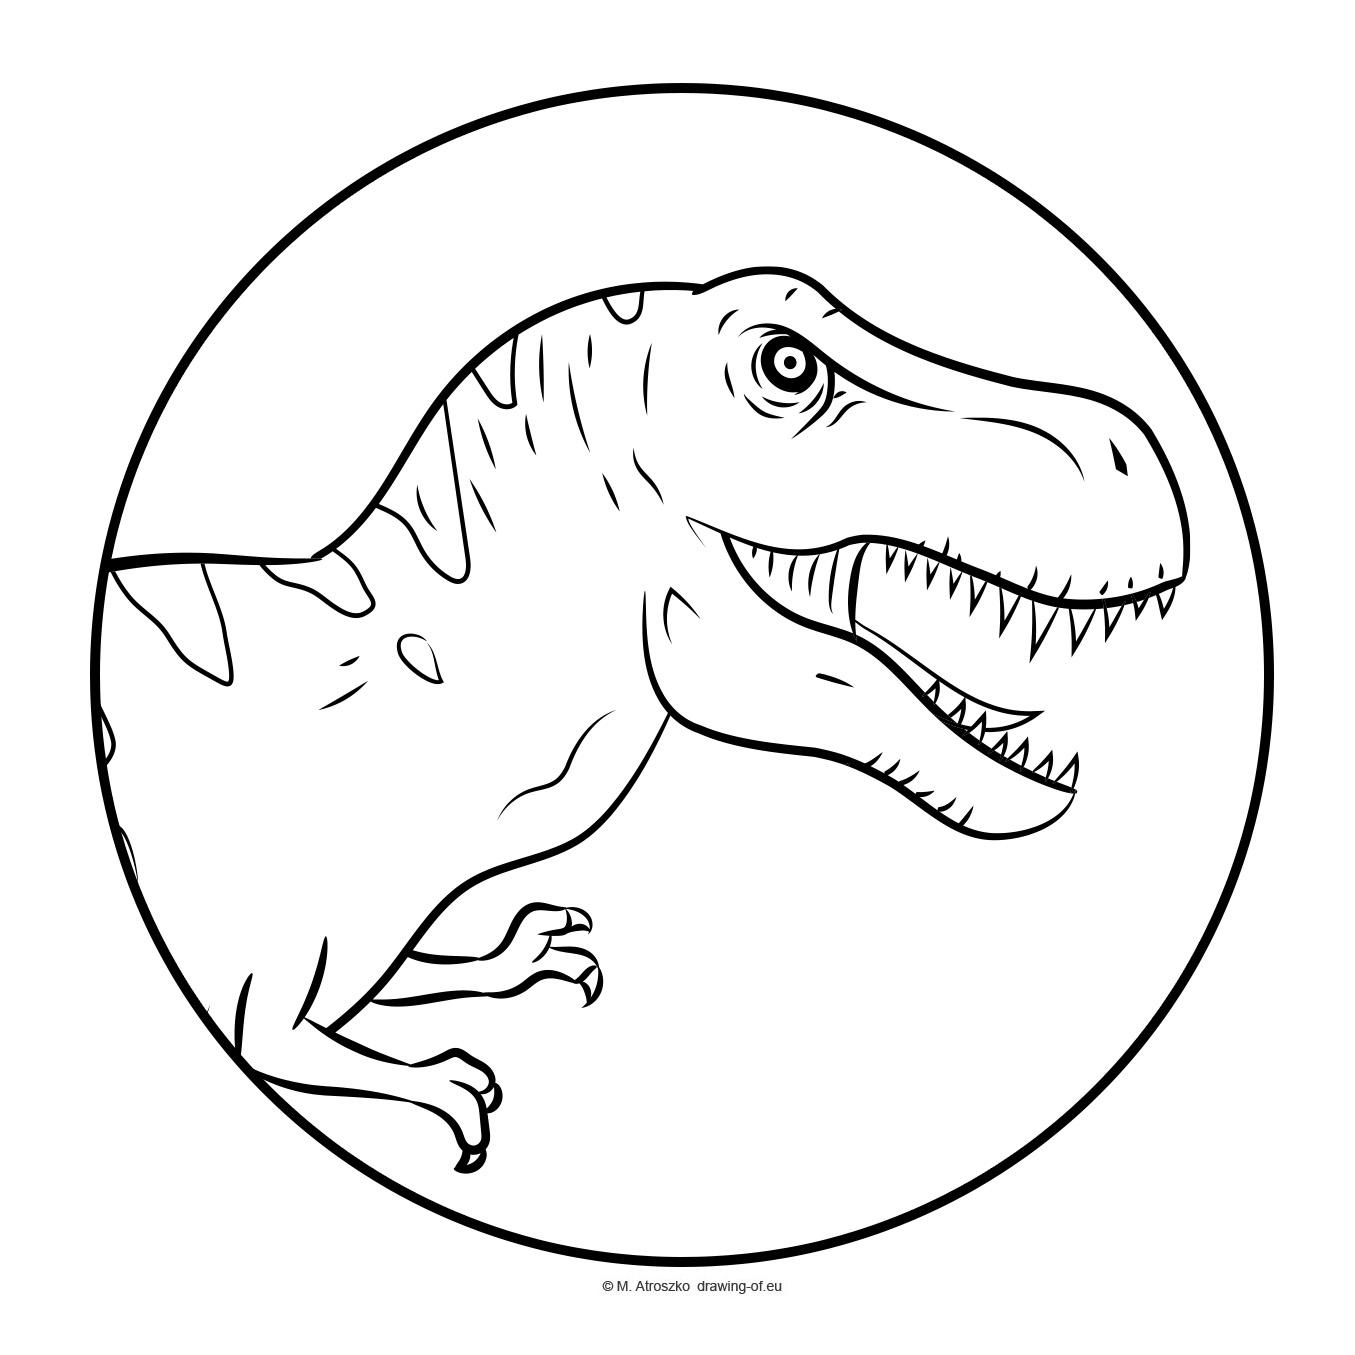 Circle coloring page - dinosaur